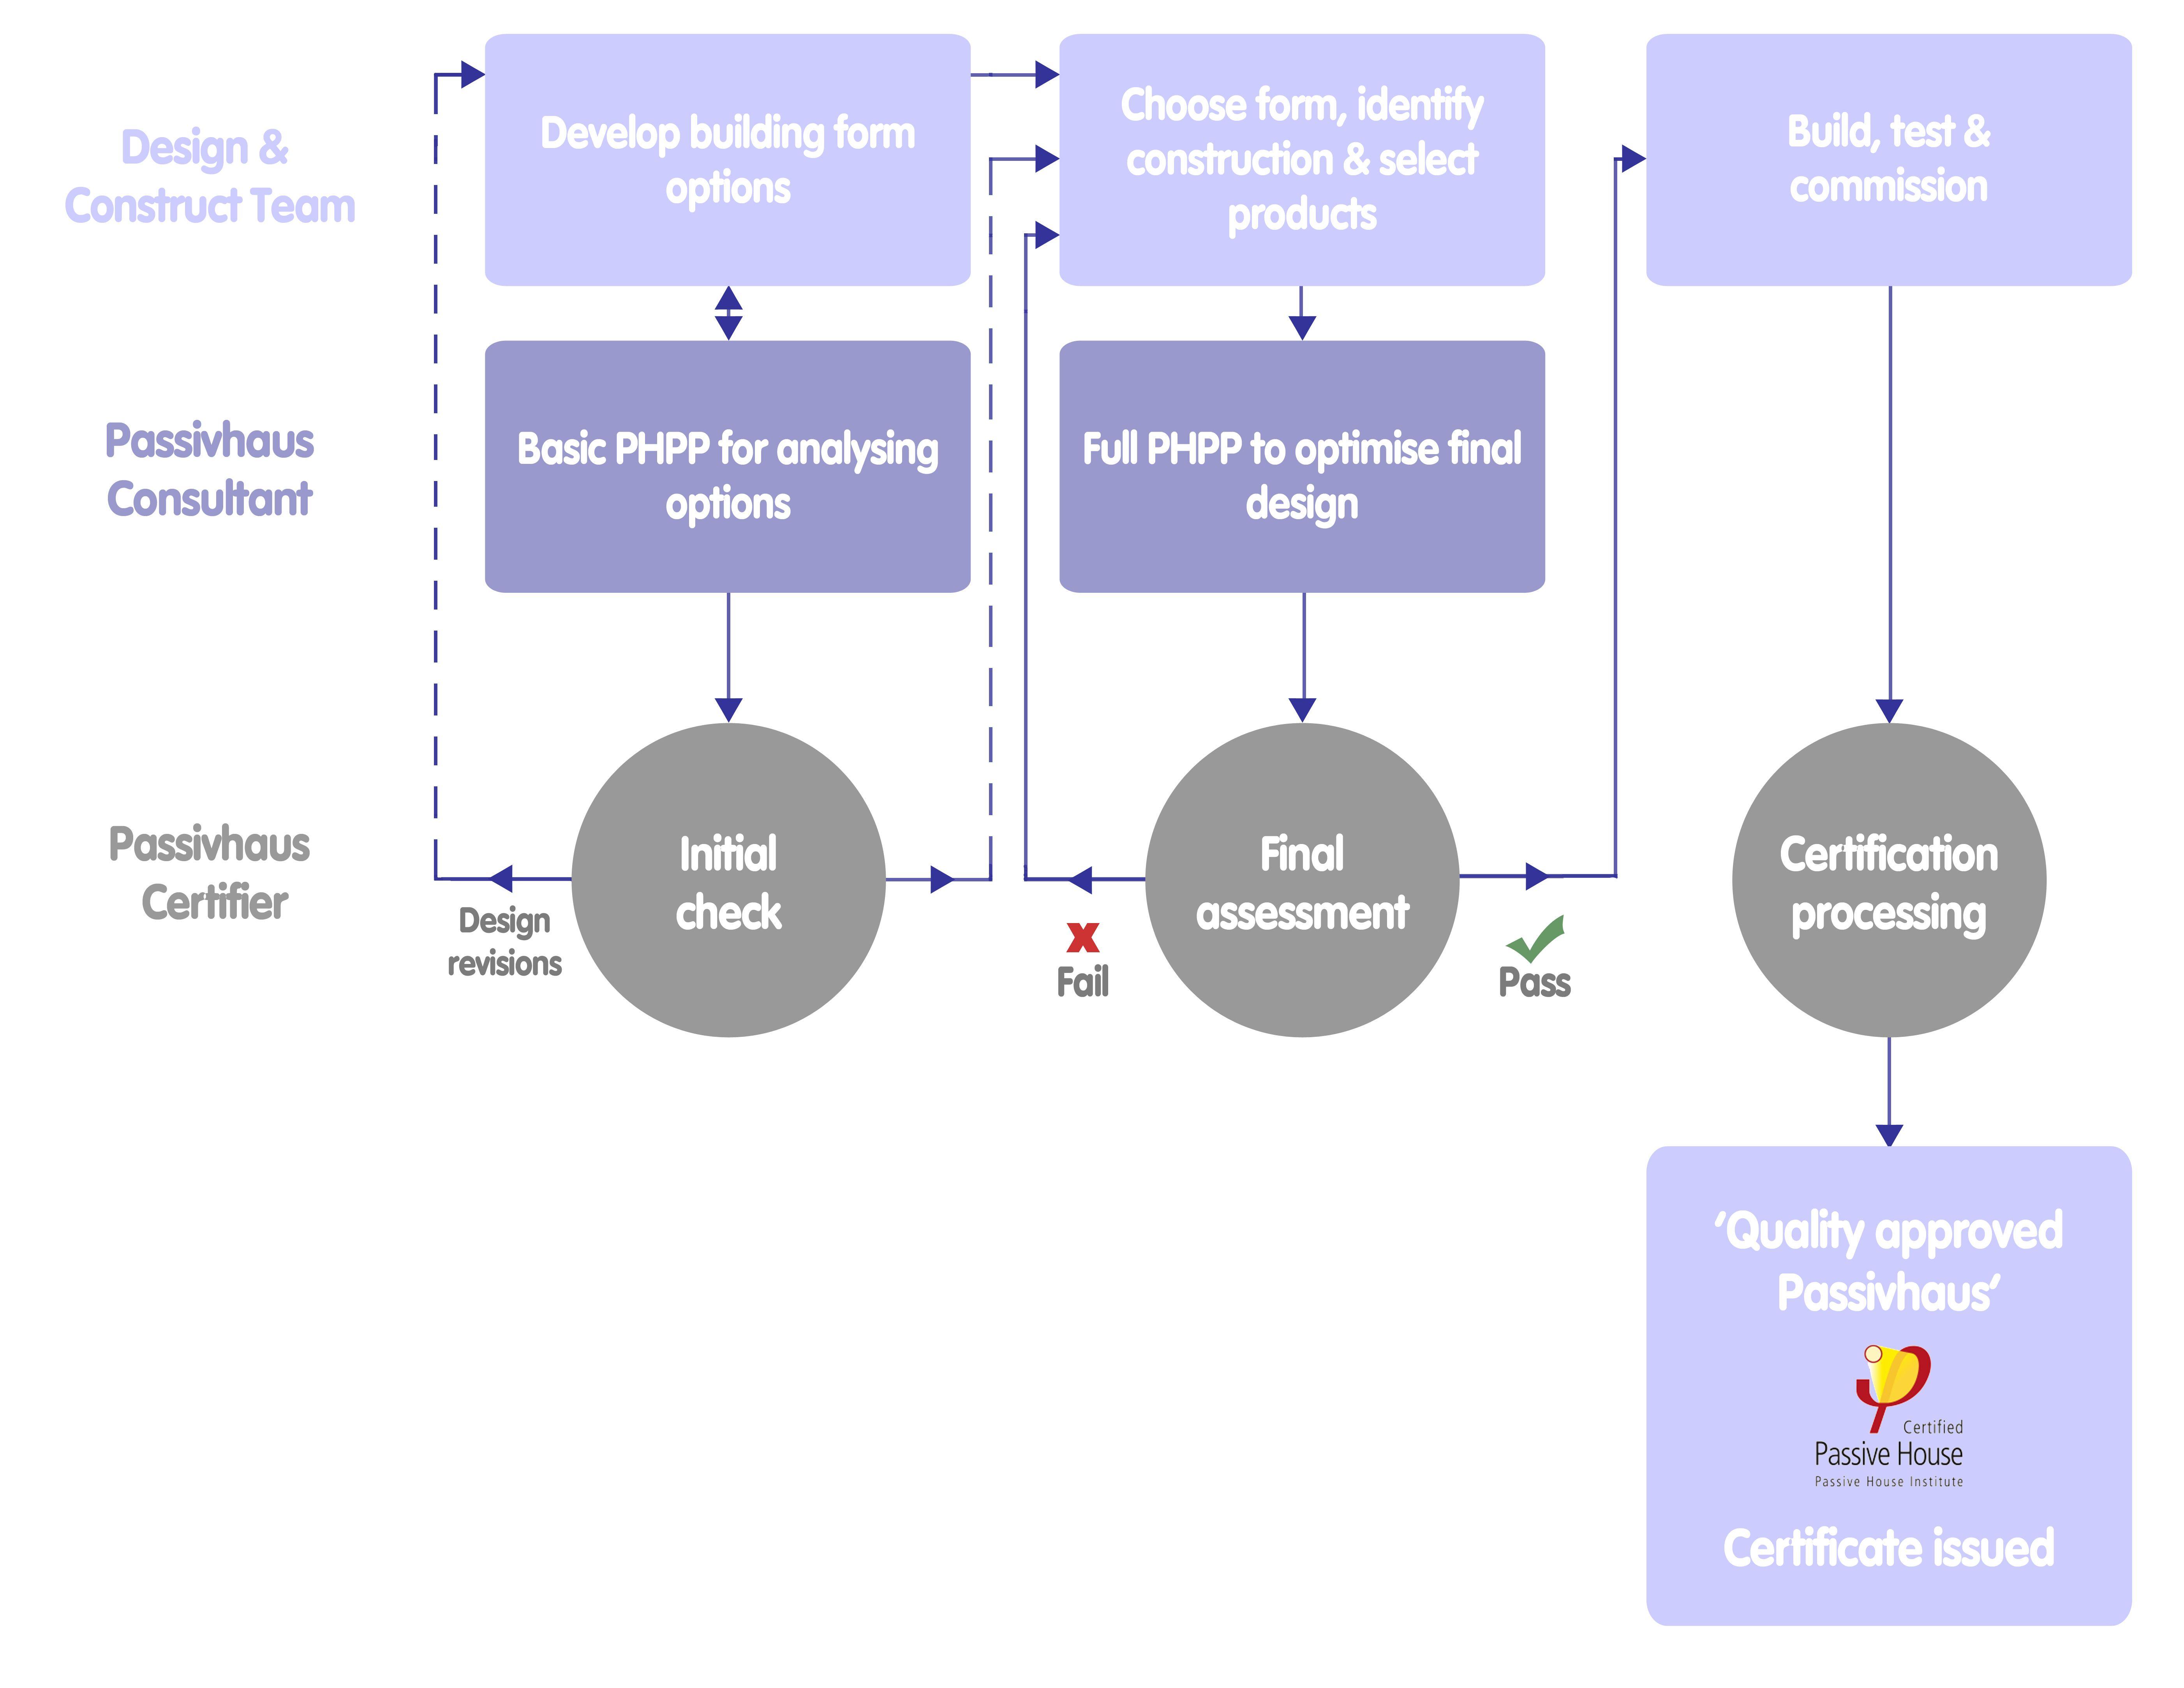 Certification process flow chart passivhaus pinterest building certification process flow chart geenschuldenfo Choice Image